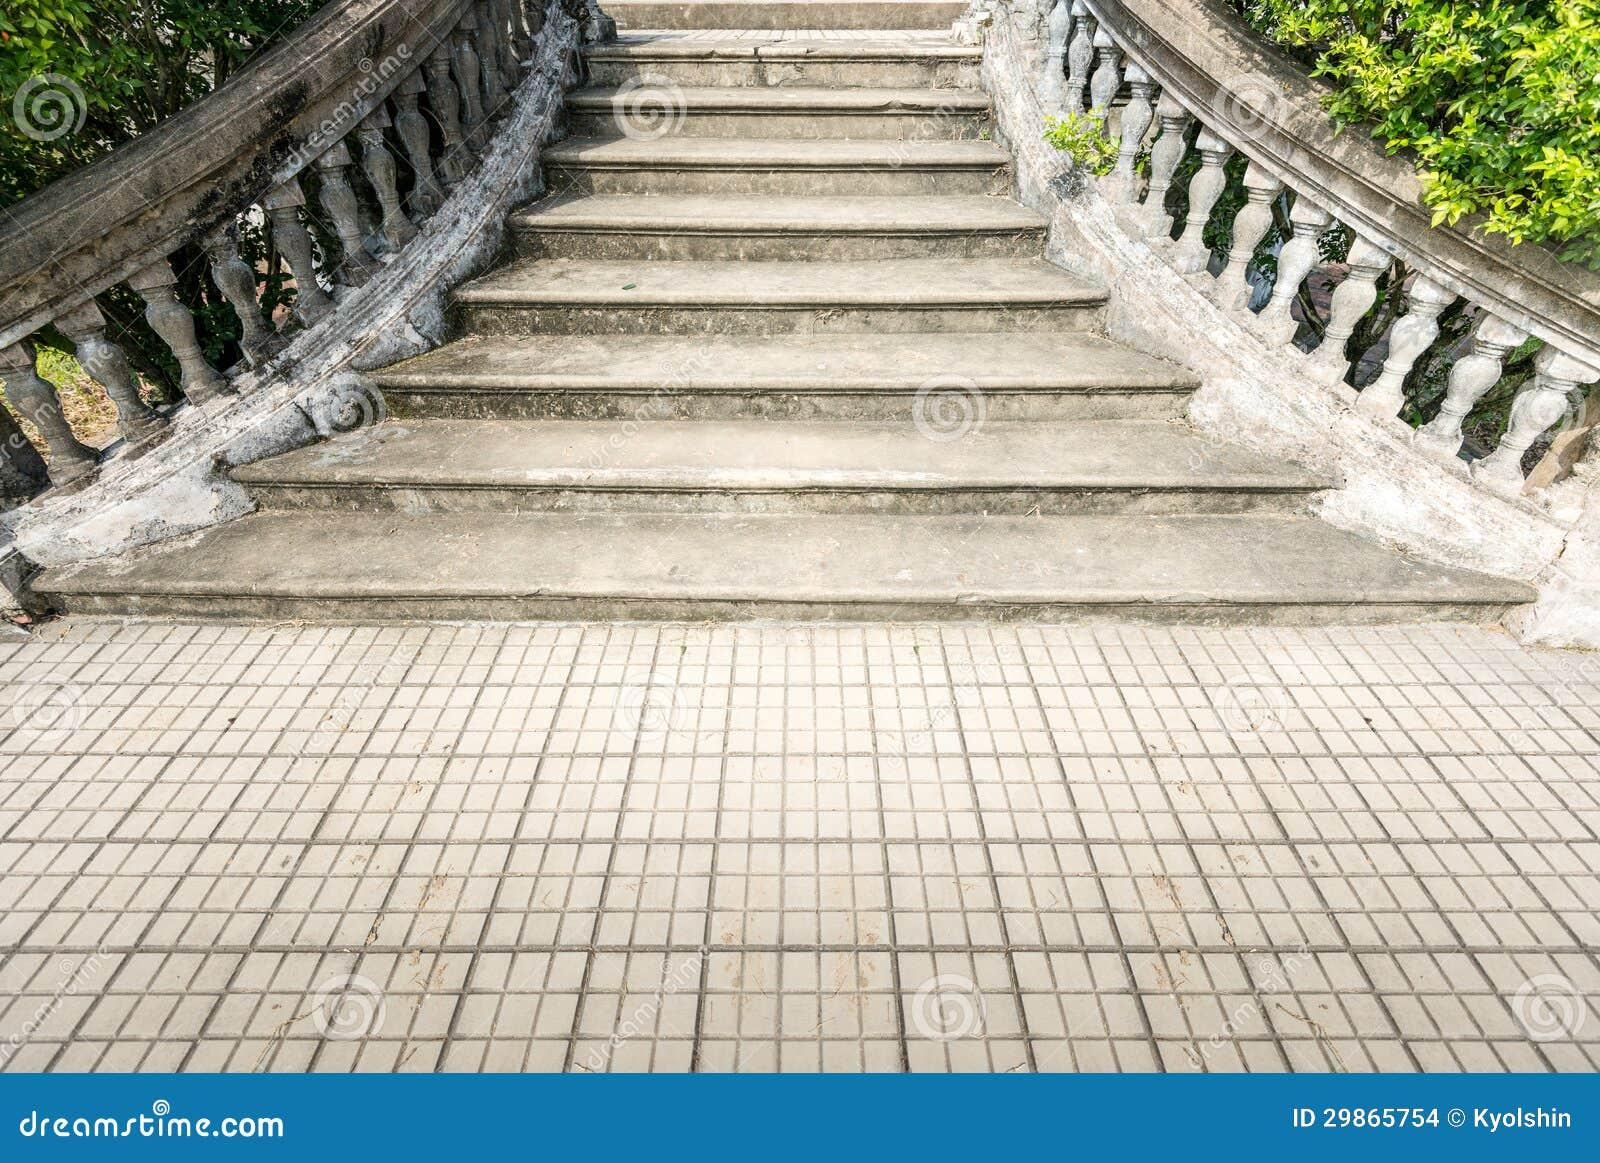 Gammal grungy stentrappa som är utomhus  i sommar. arkivbilder ...